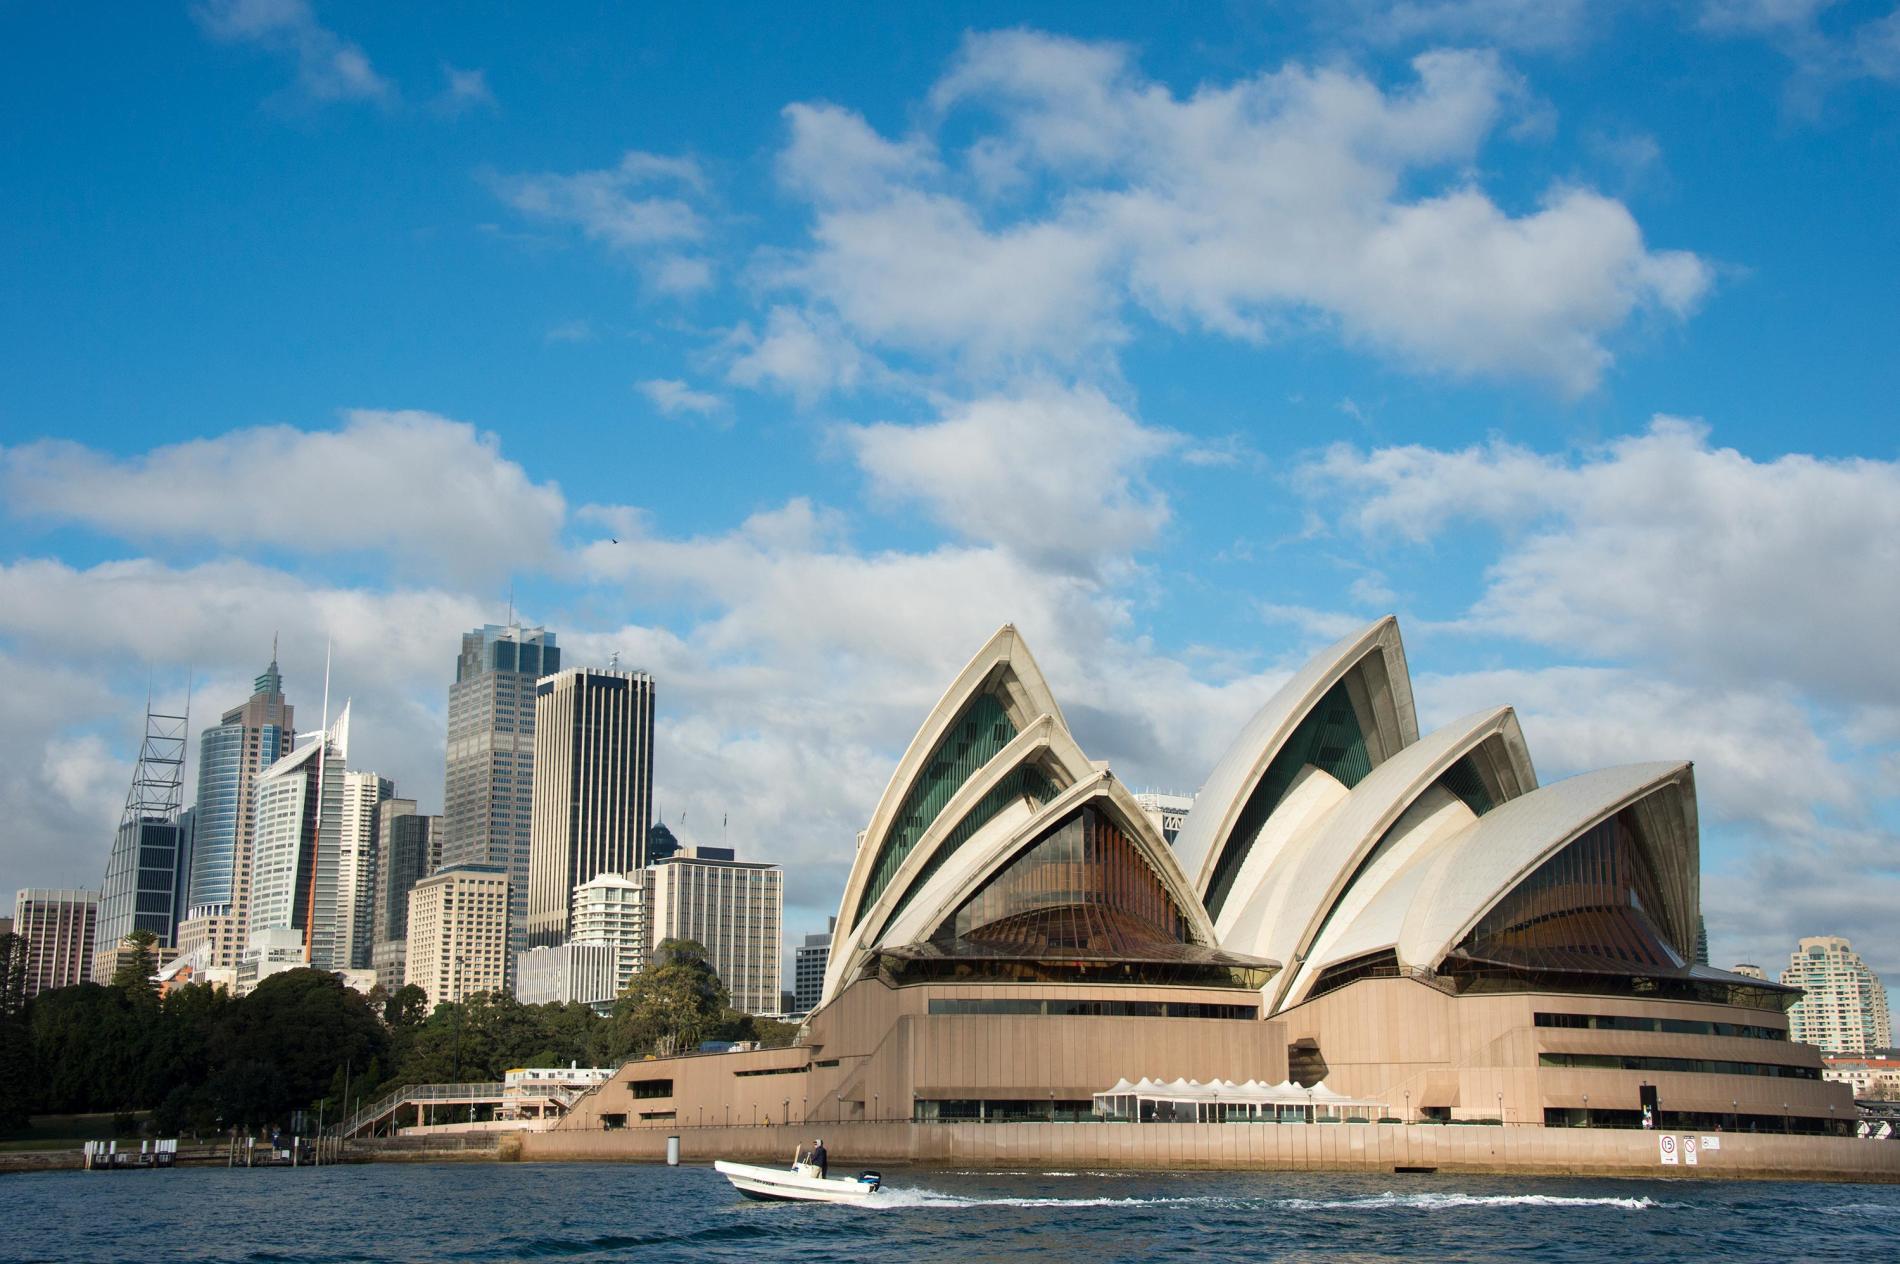 En los próximos 10 años, se espera que las tecnologías emergentes como blockchain sirvan para impulsar la economía de Sydney, destaca un informe